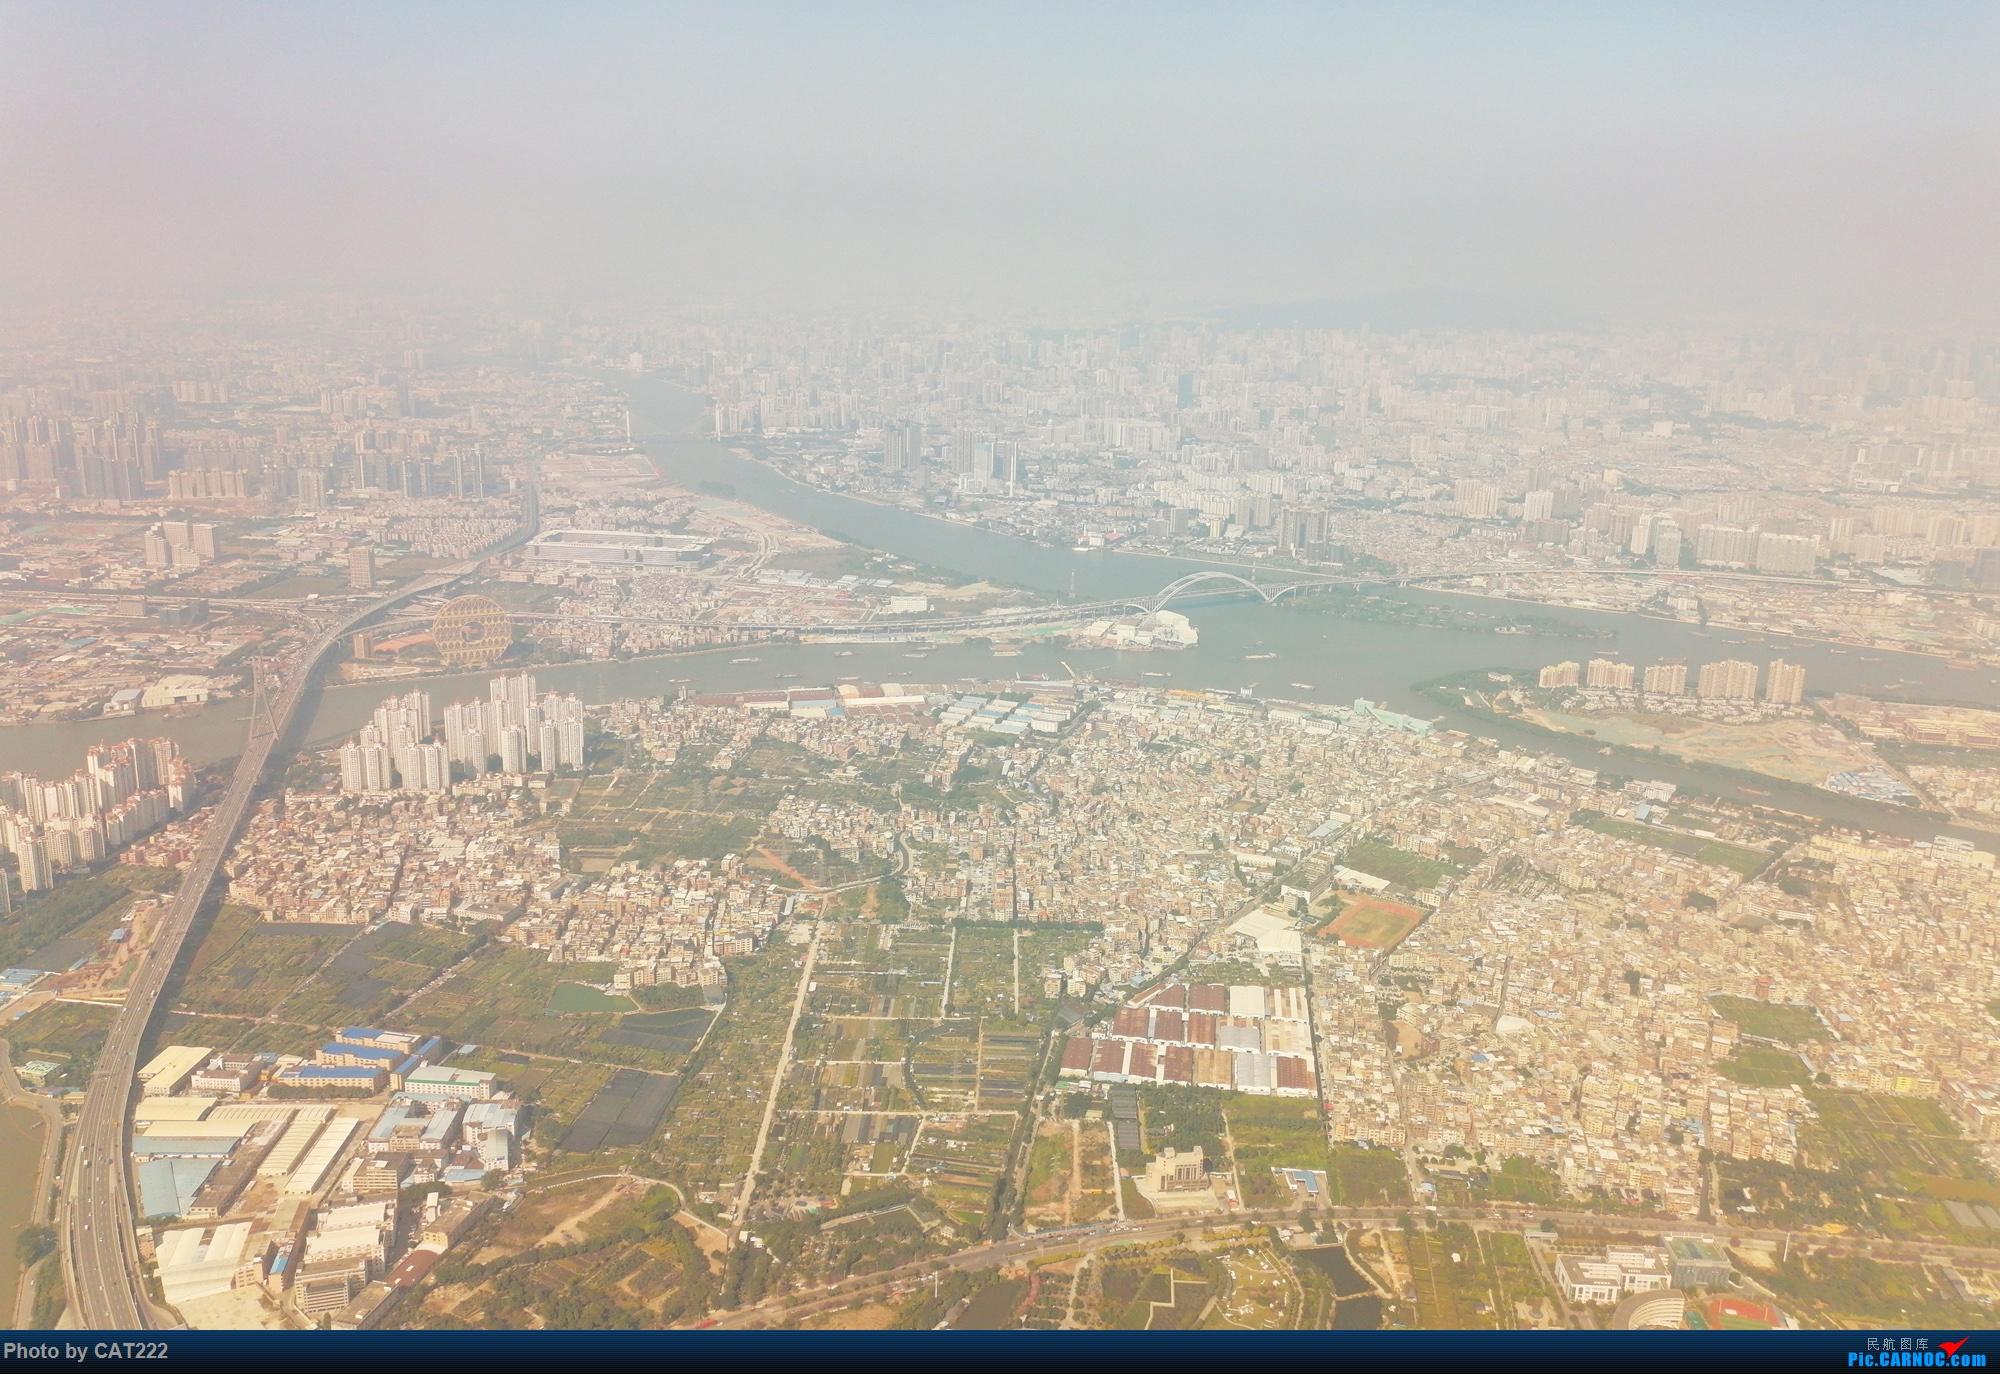 Re:飞机上看广州(经广州塔)